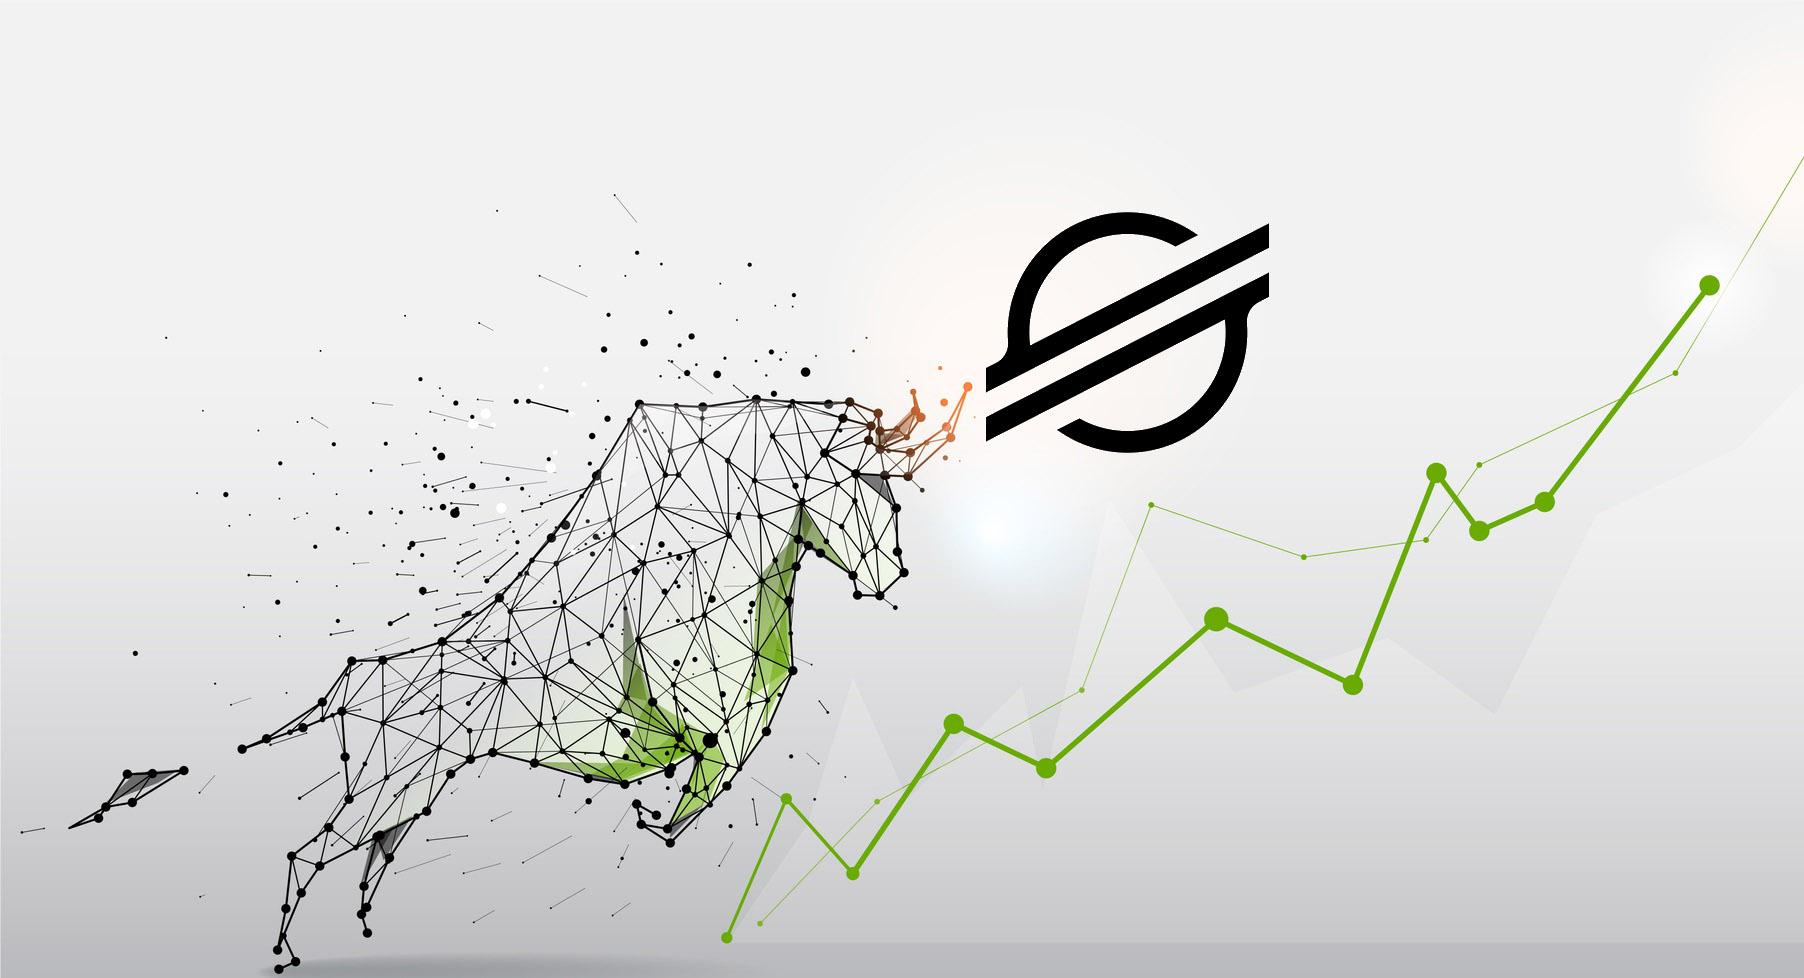 Прогноз криптовалюты Xlm на 2021 года и обзор